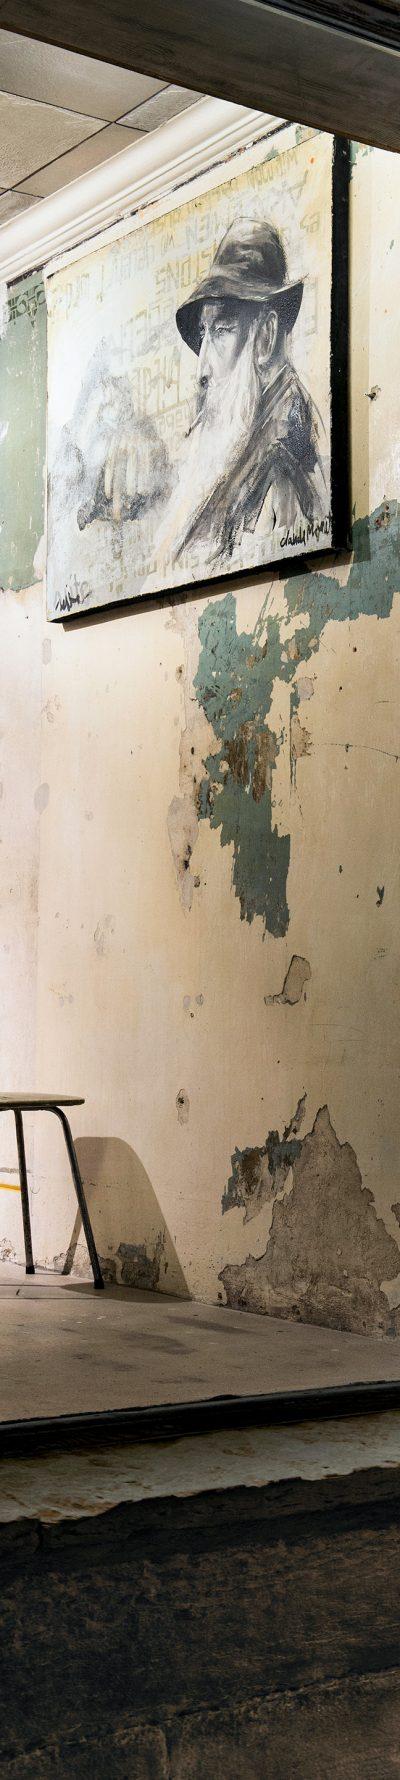 3_gemaelde_paintings_green_wall